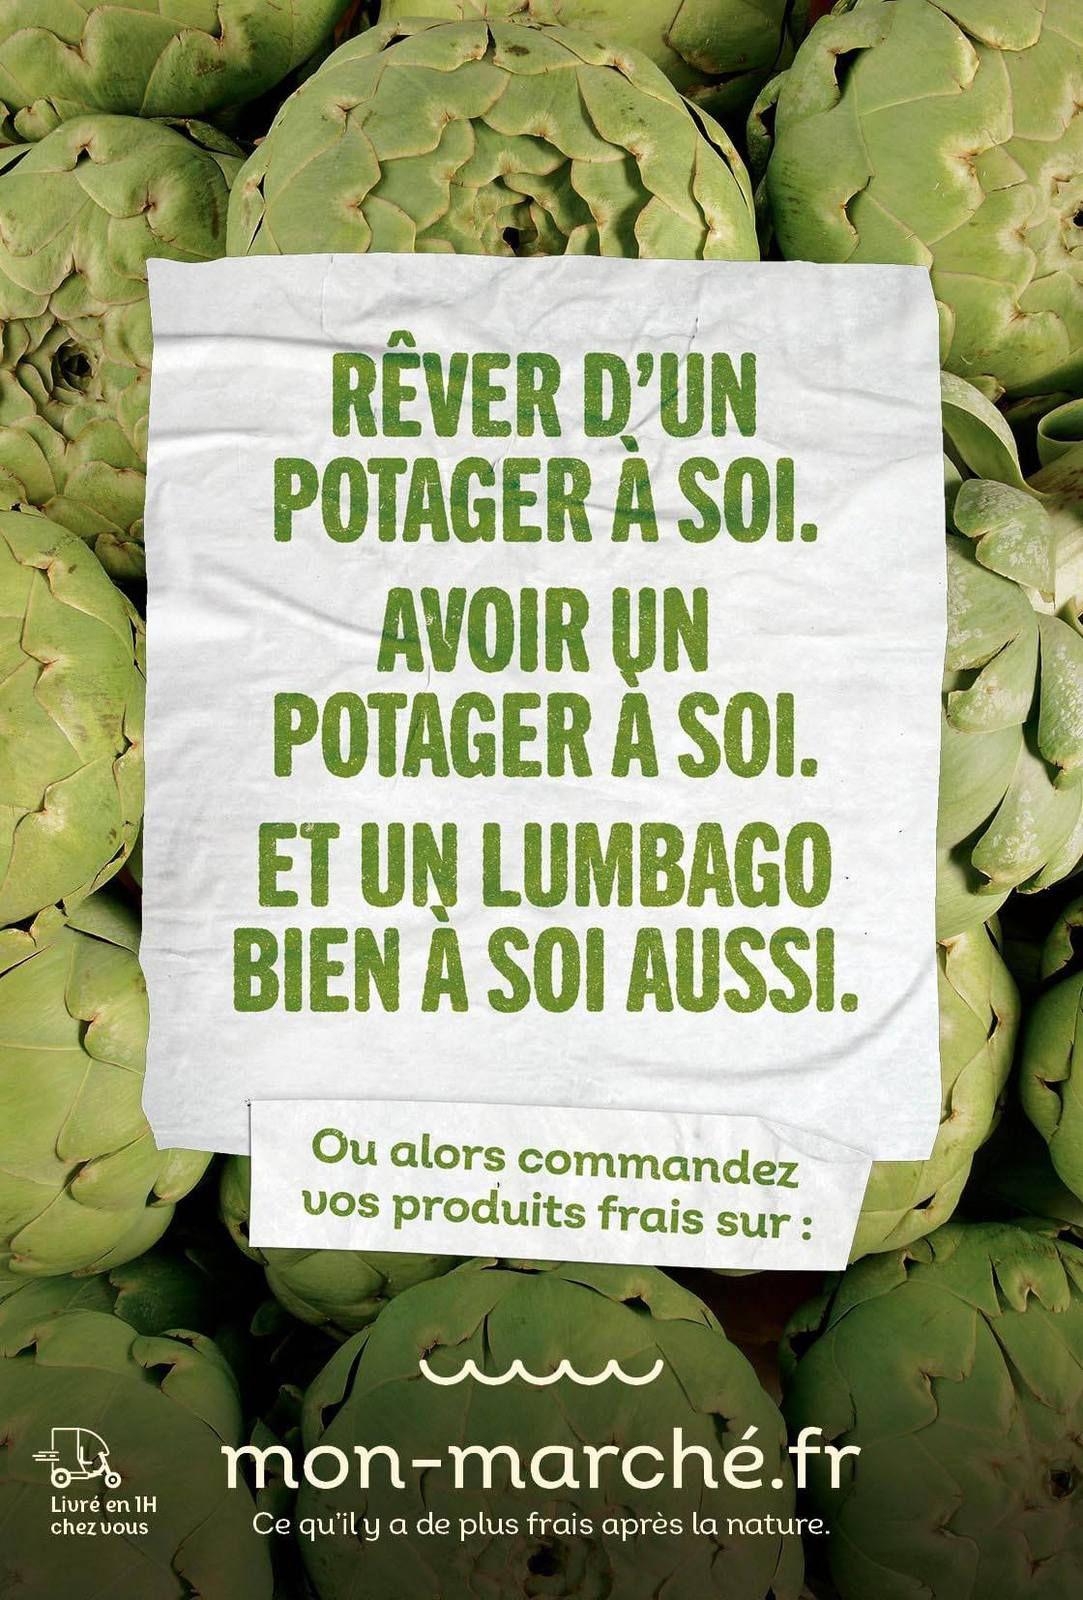 """mon-marché.fr : """"Ce qu'il y a de plus frais après la nature"""" I Agence : Buzzman, Paris, France (août 2020)"""